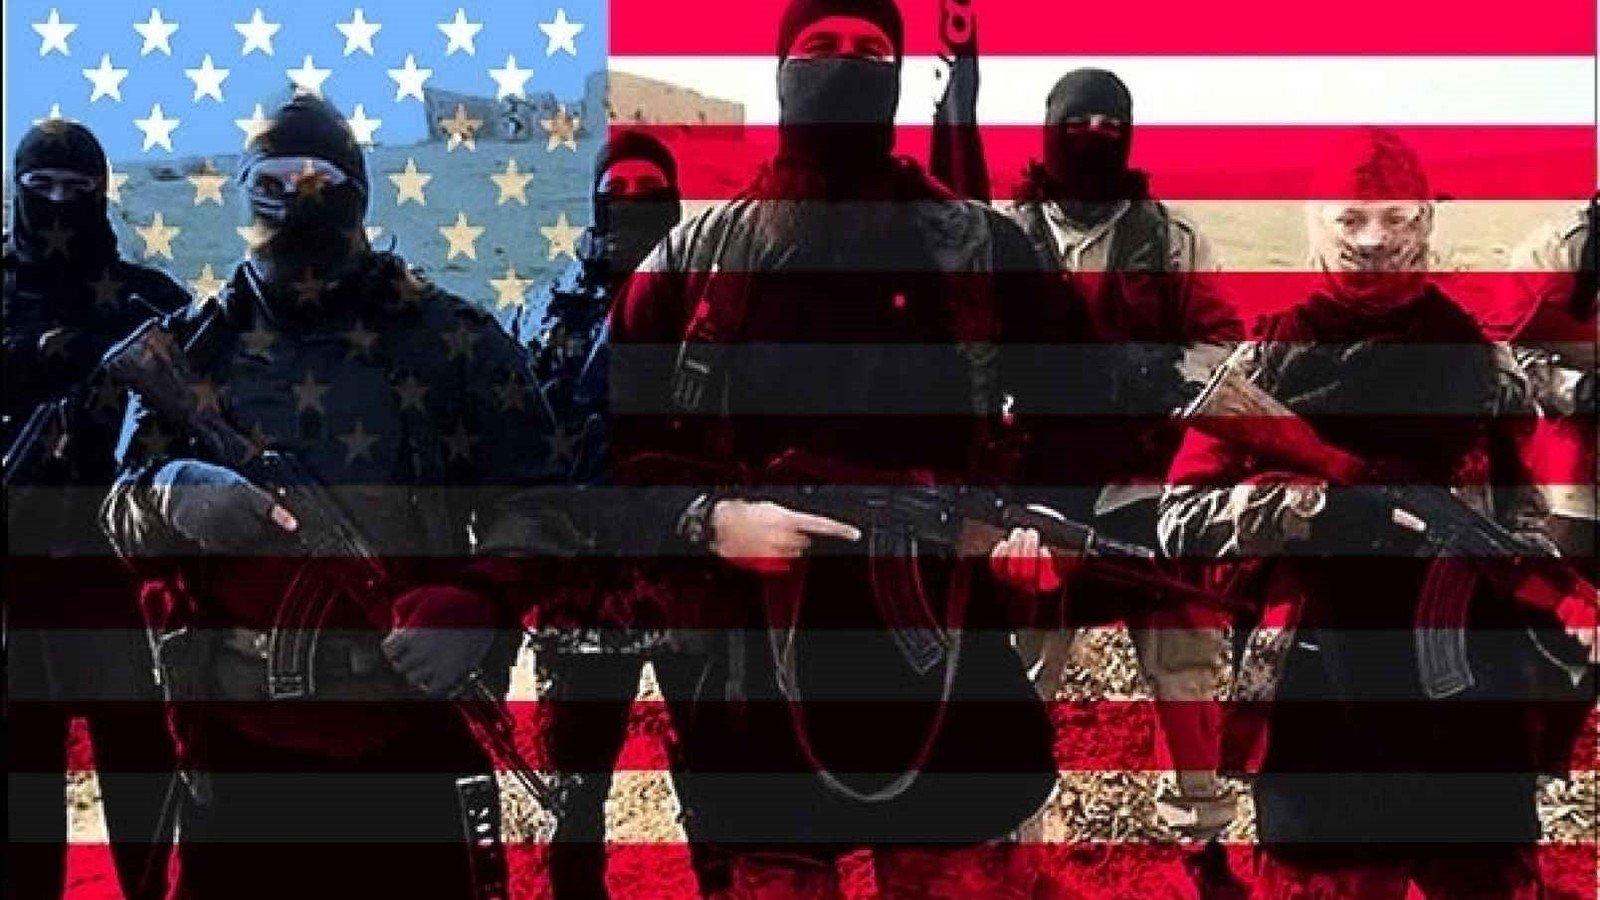 Срока давности не имеет: Международный государственный терроризм США